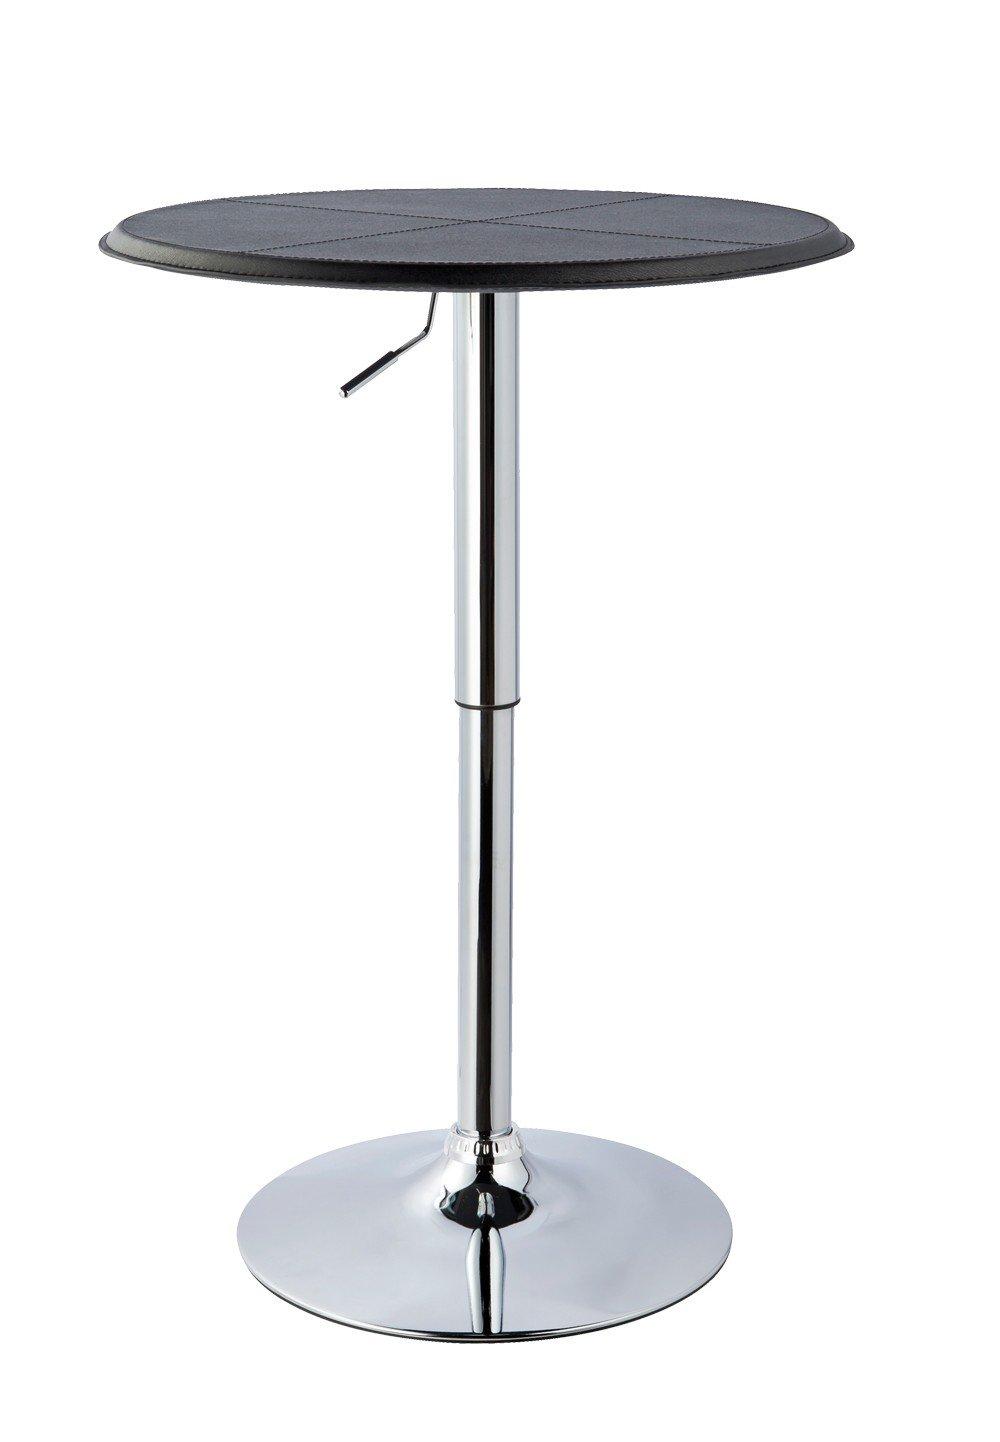 FineBuy Stehtisch PARTY Bistrotisch rund Glasplatte Farbe Silber h/Ã/¶henverstellbar Bartisch Design